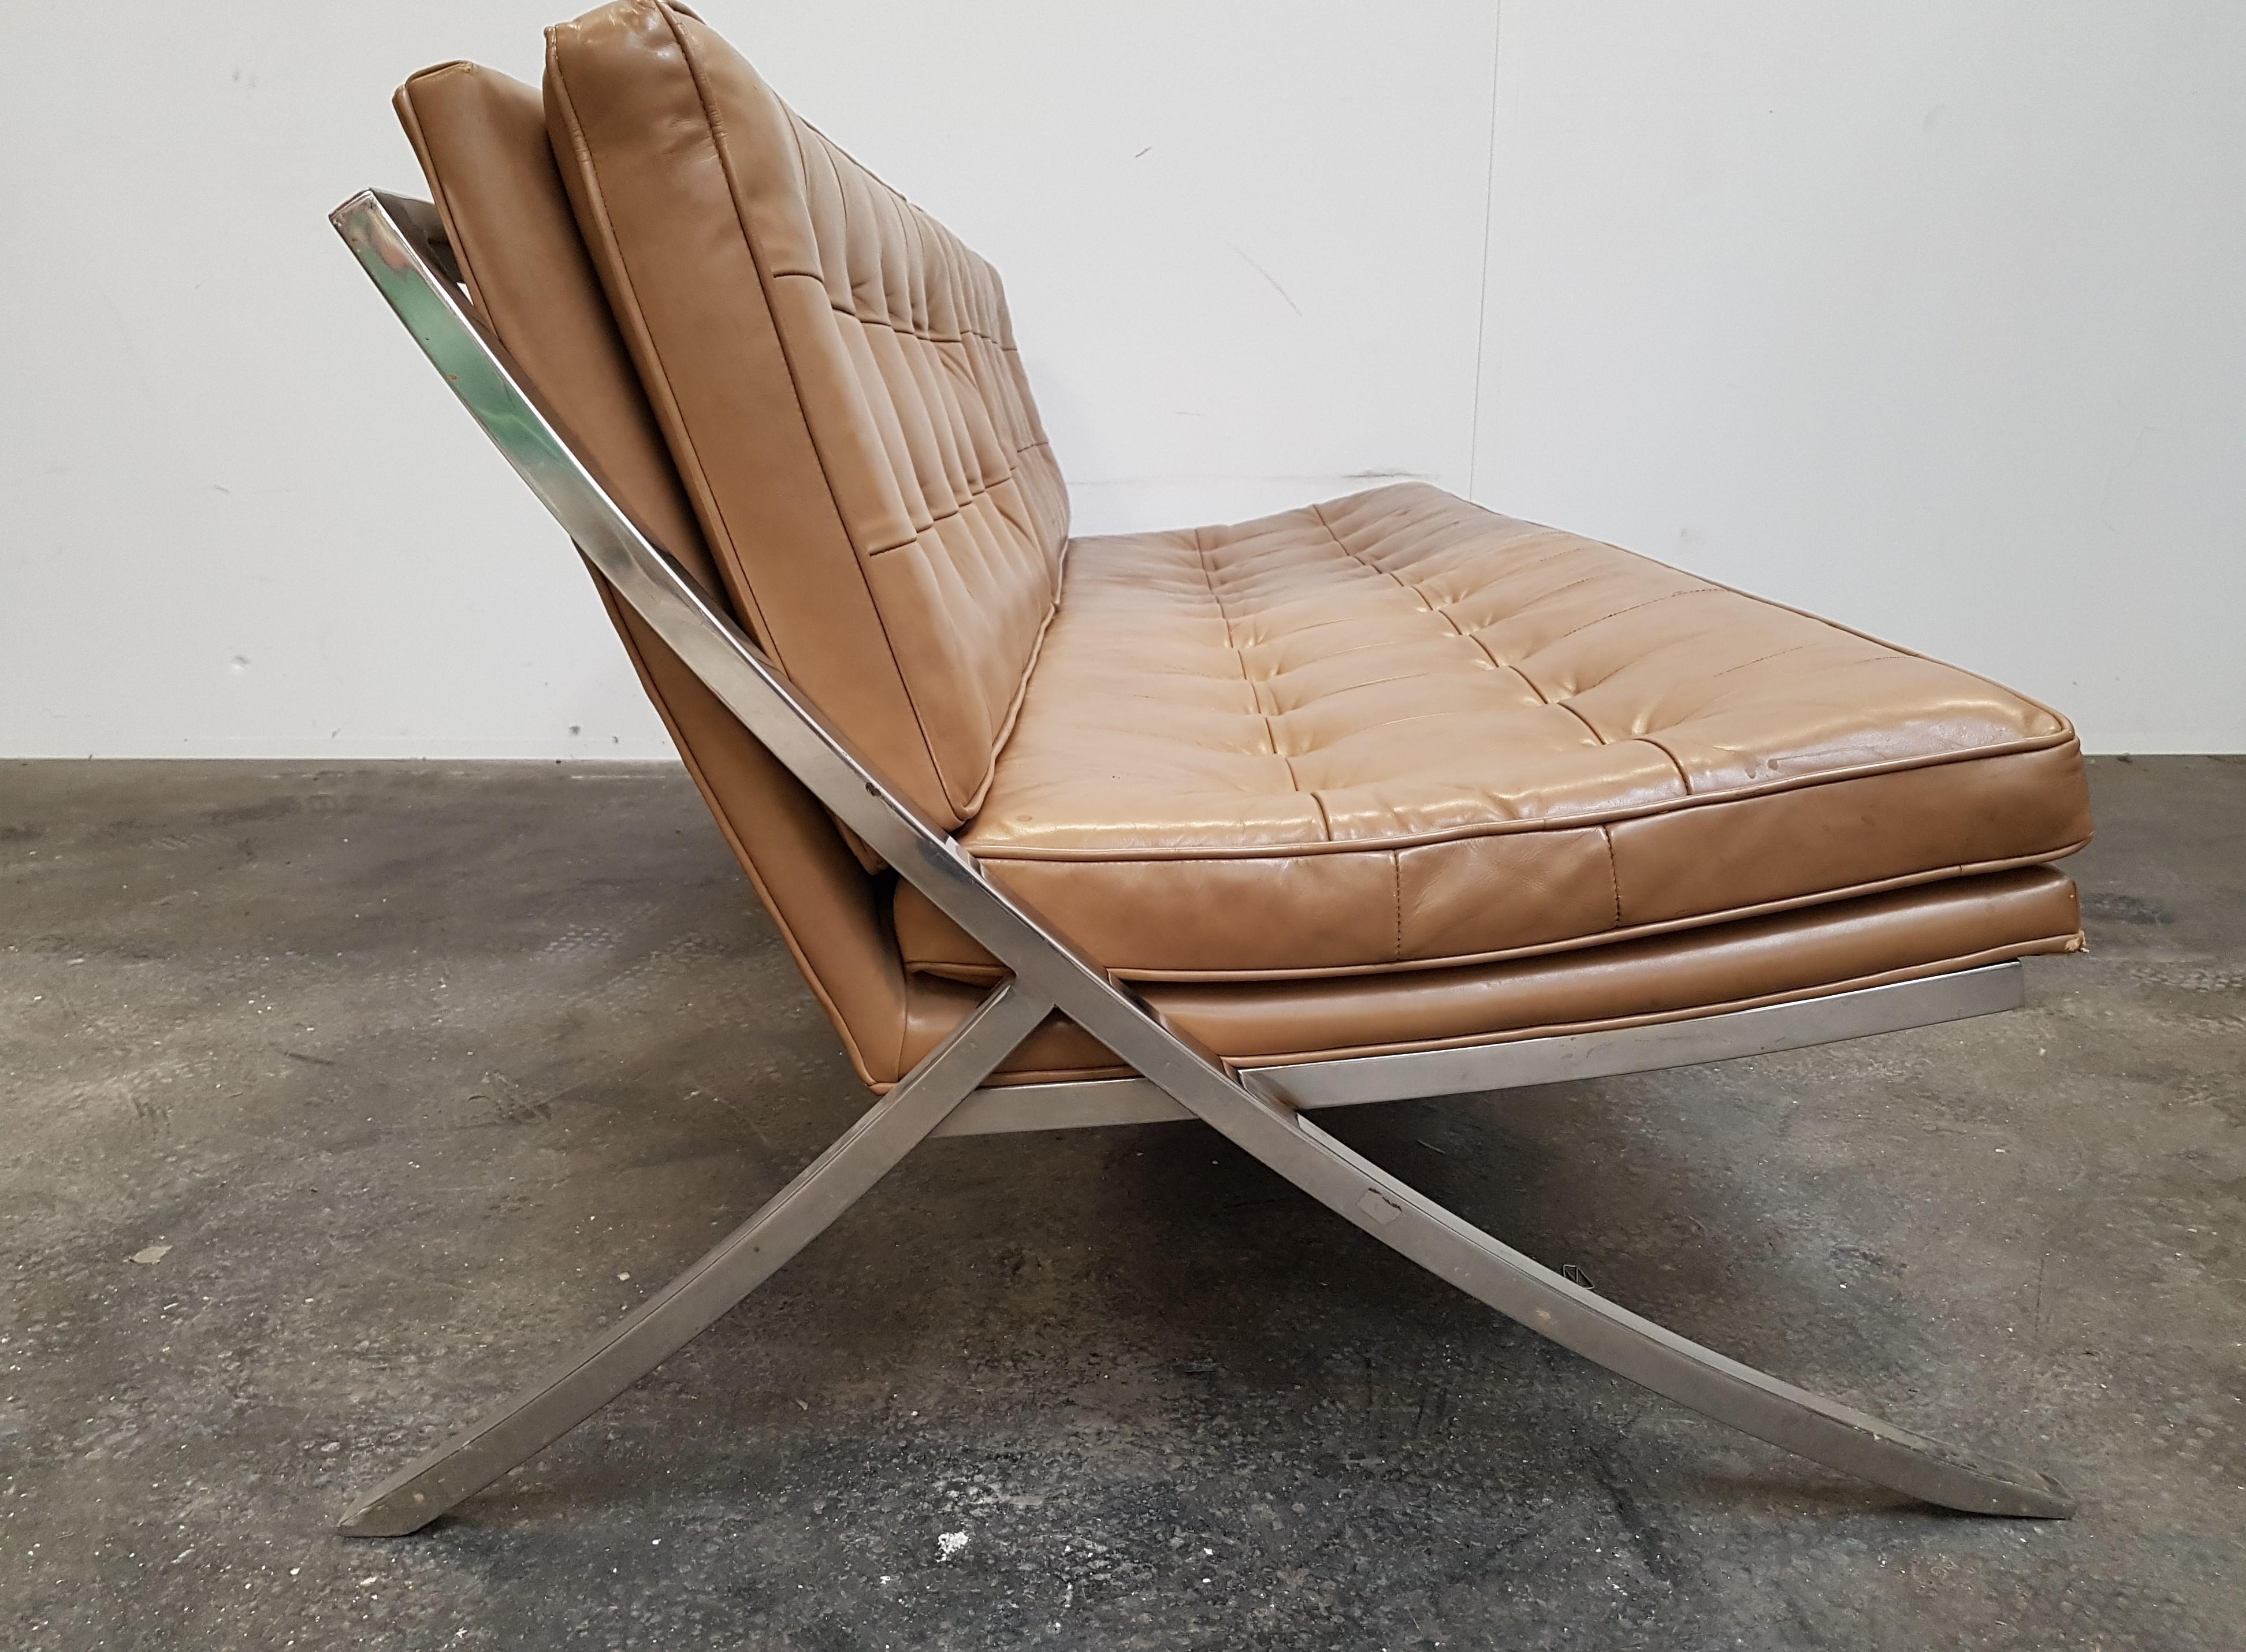 Leather Vintage Sofa By Mueller Furniture 1960s Design Market